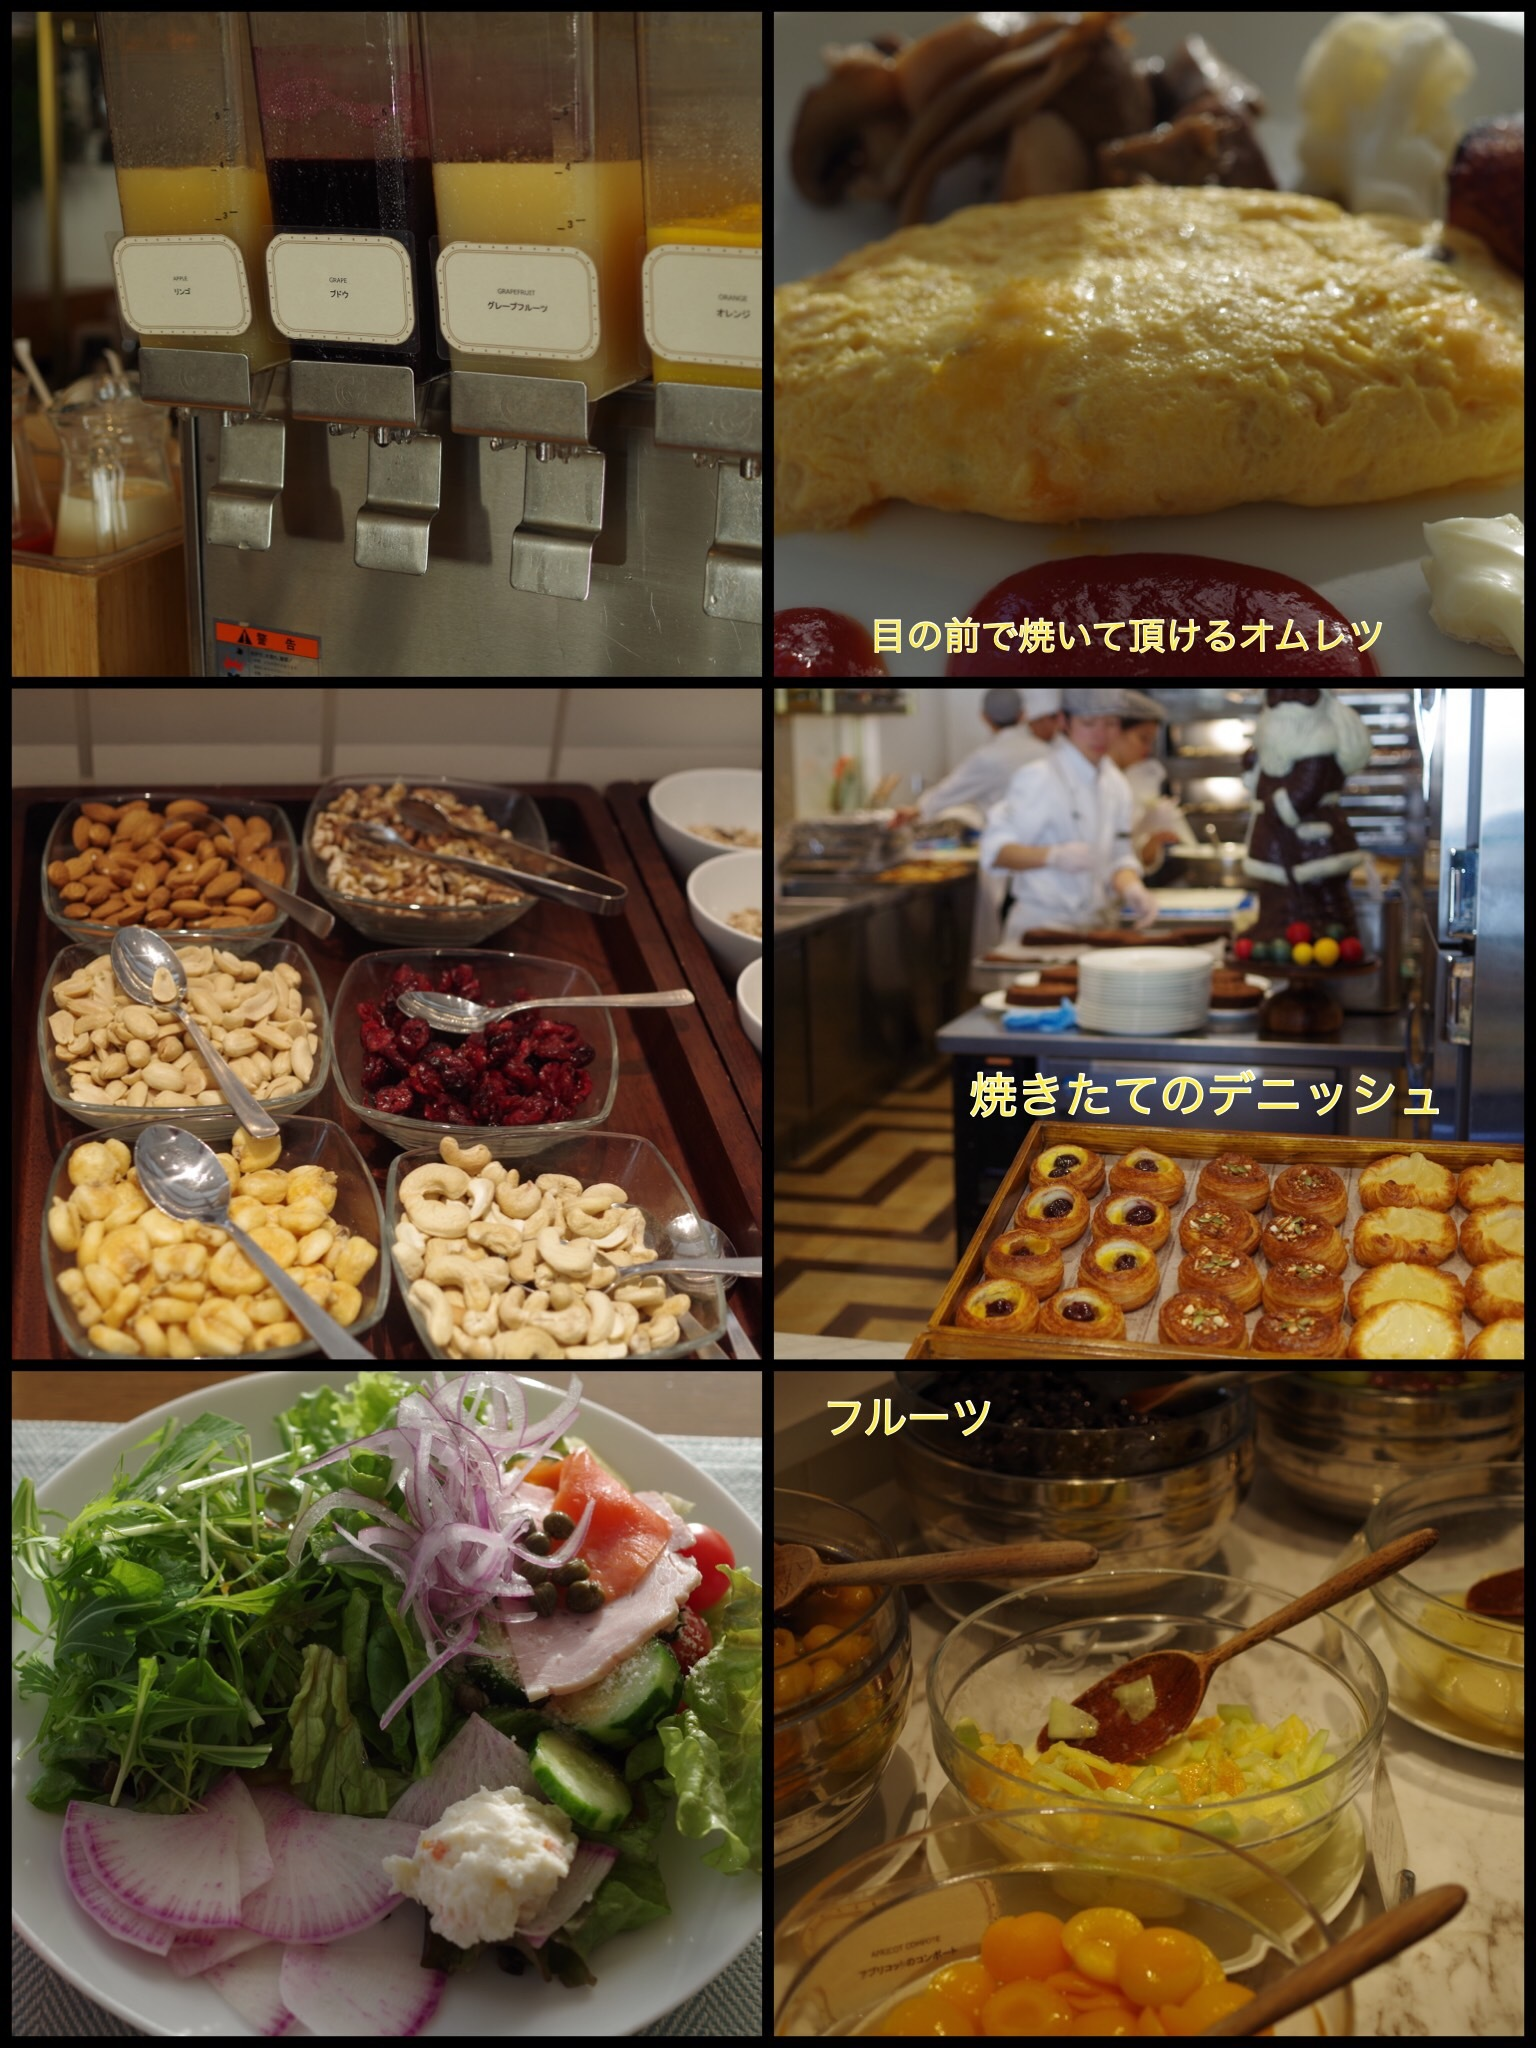 ヨコハマグランドインターコンチネンタルホテル intercontinental grand yokohama クリスマス朝食